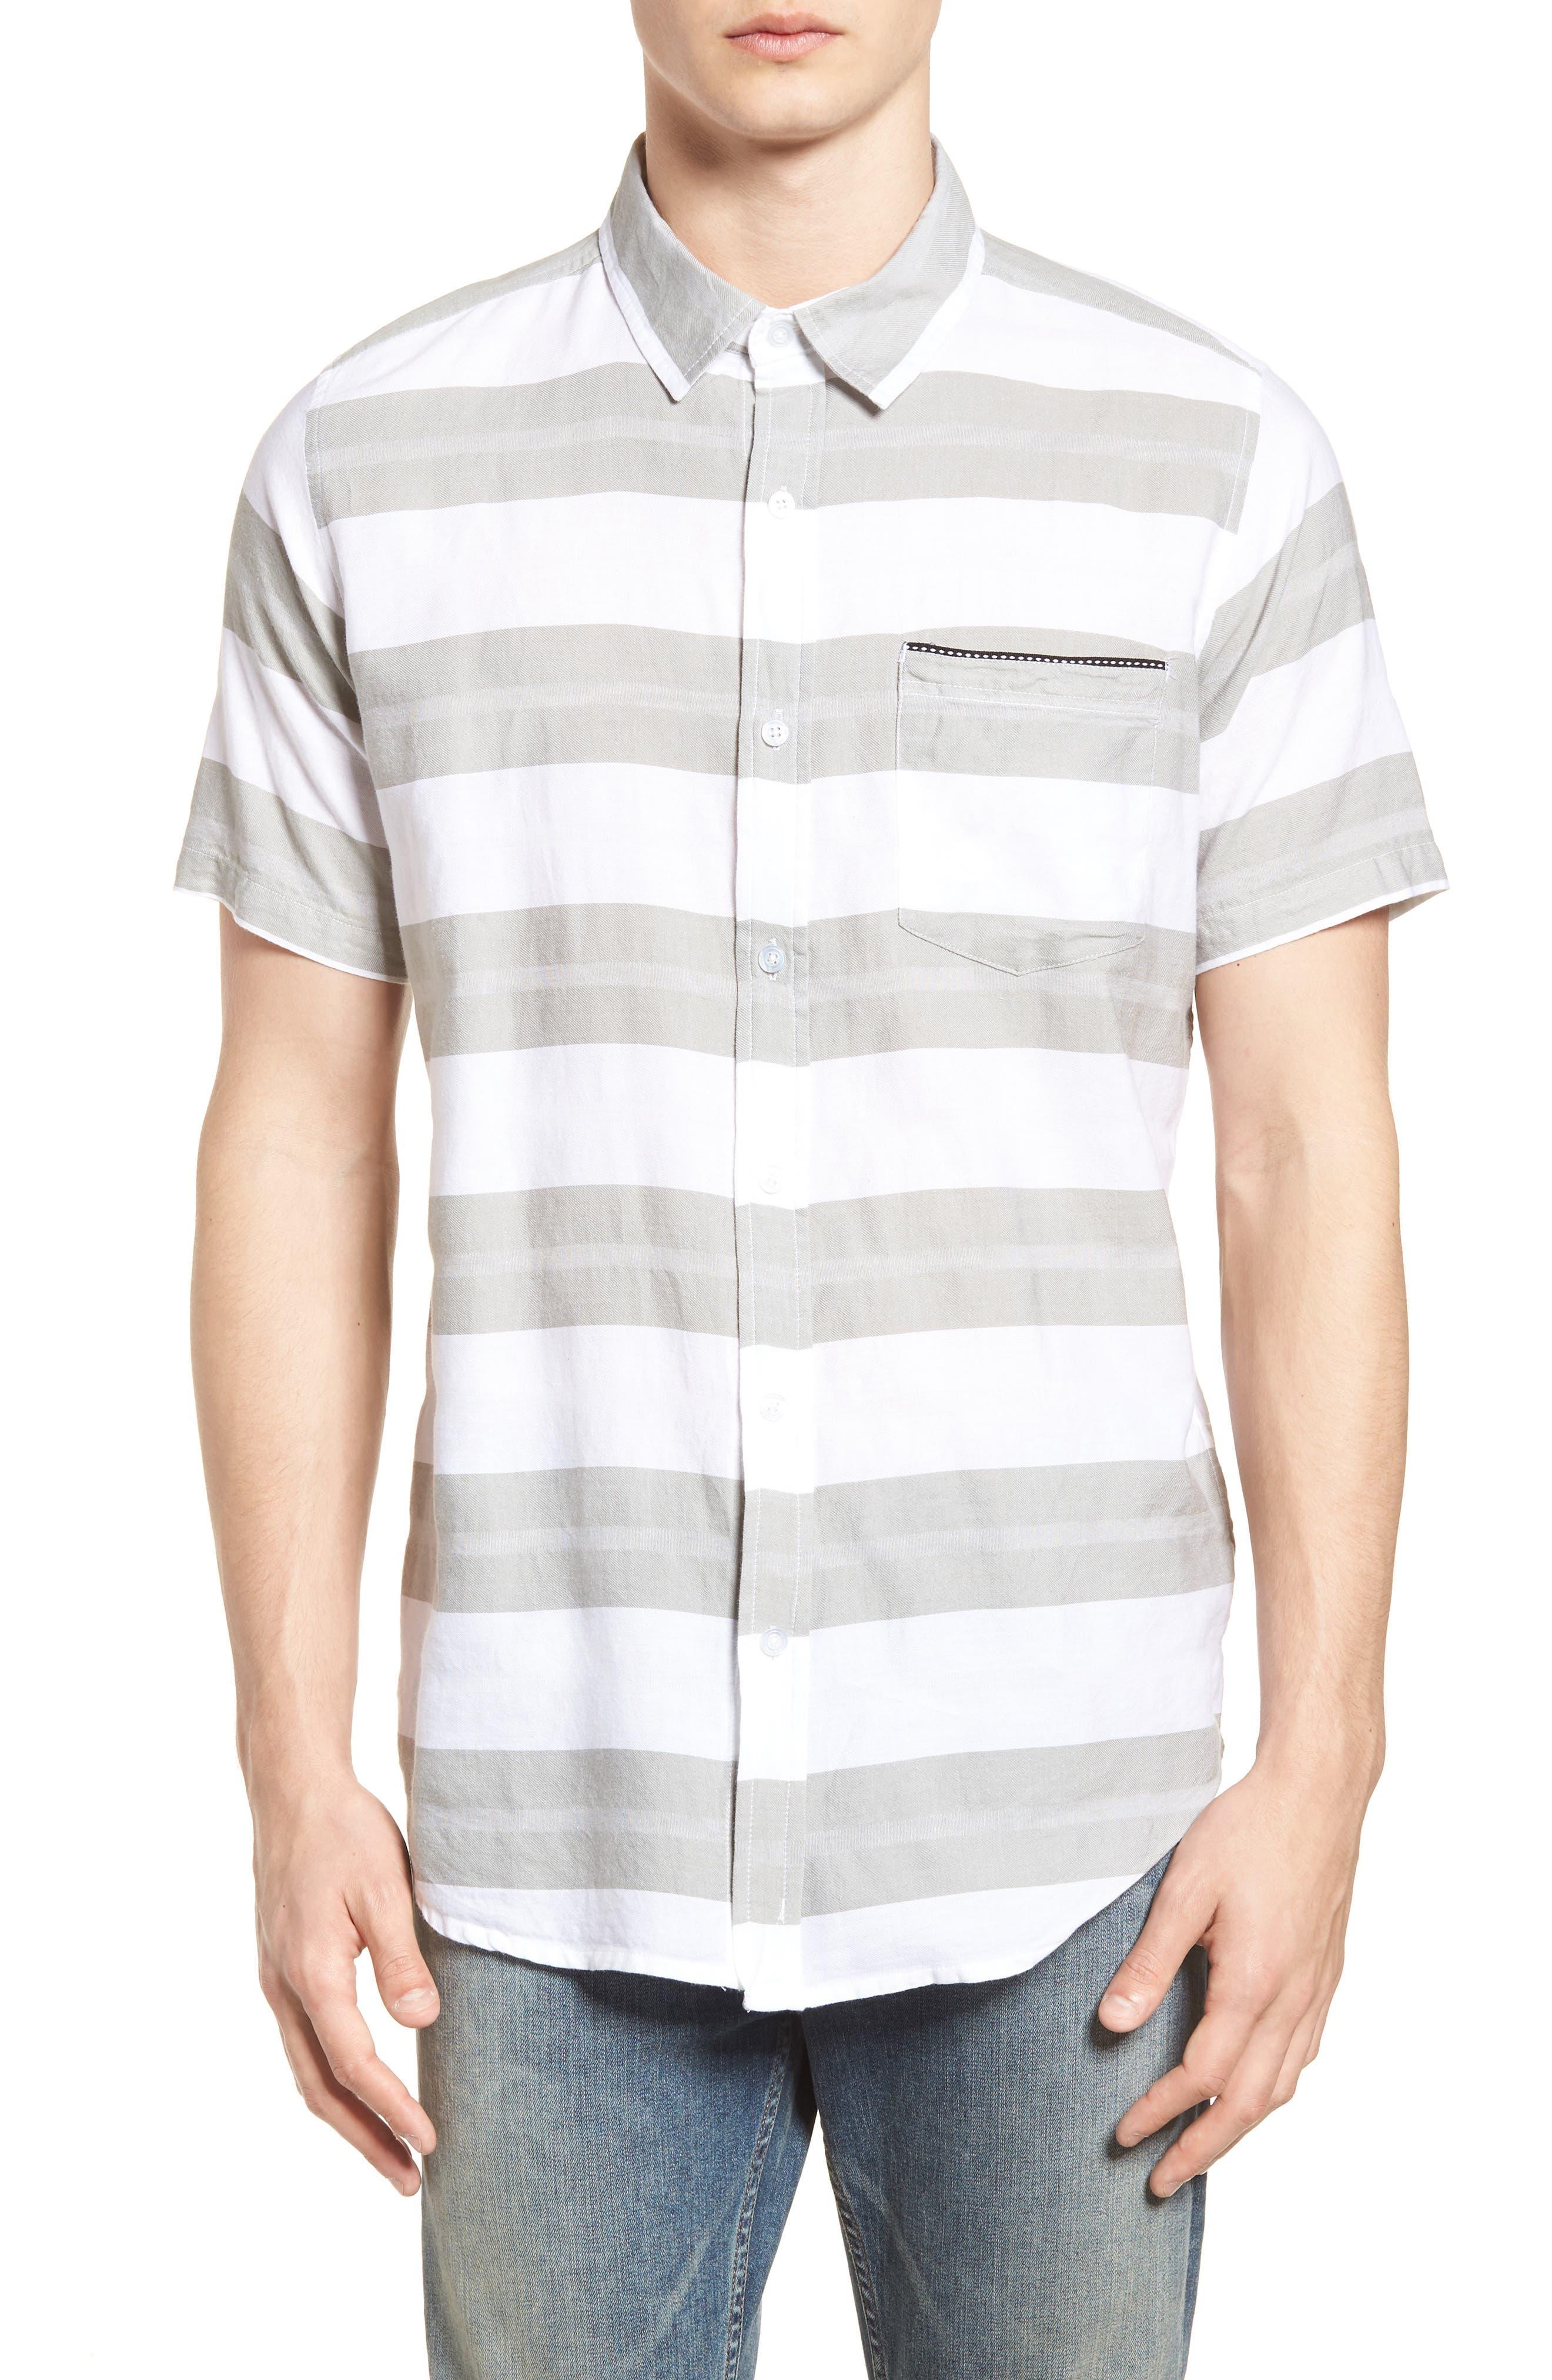 Dobson Woven Shirt,                             Main thumbnail 1, color,                             WHITE/SMOKE STRIPE